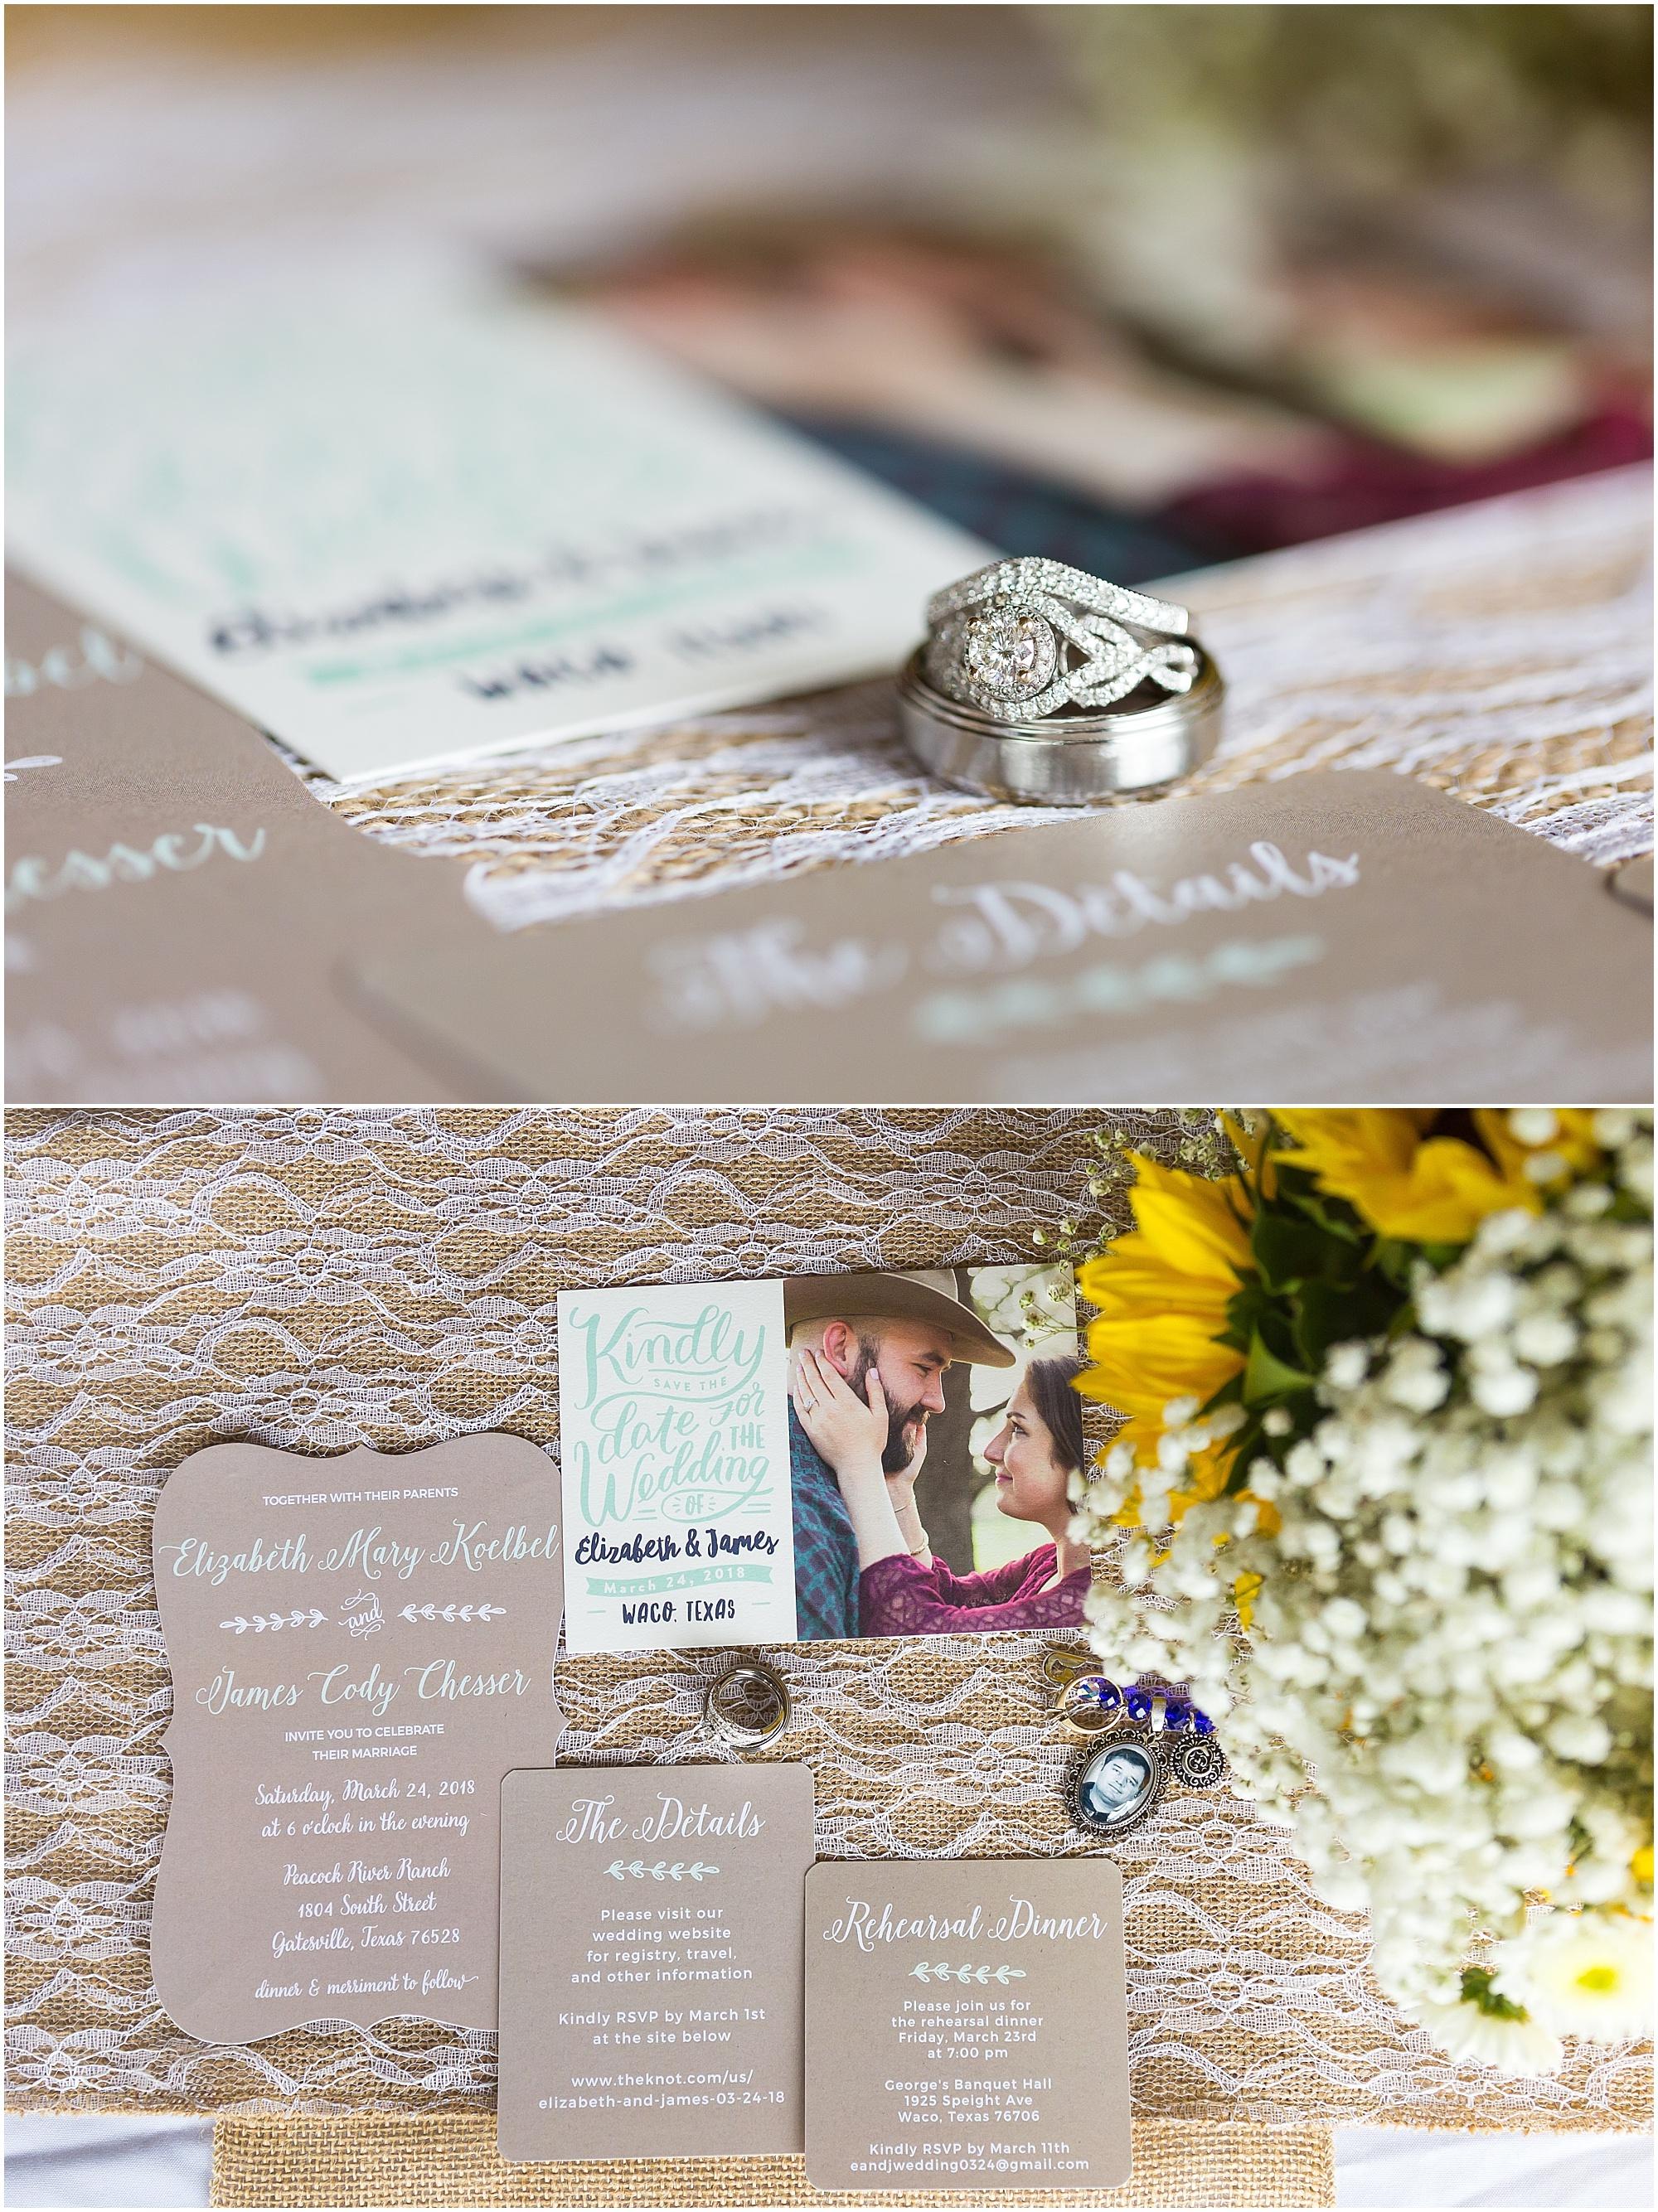 Wedding ring and invitation details at a rustic wedding at Peacock River Ranch - Jason & Melaina Photography - www.jasonandmelaina.com